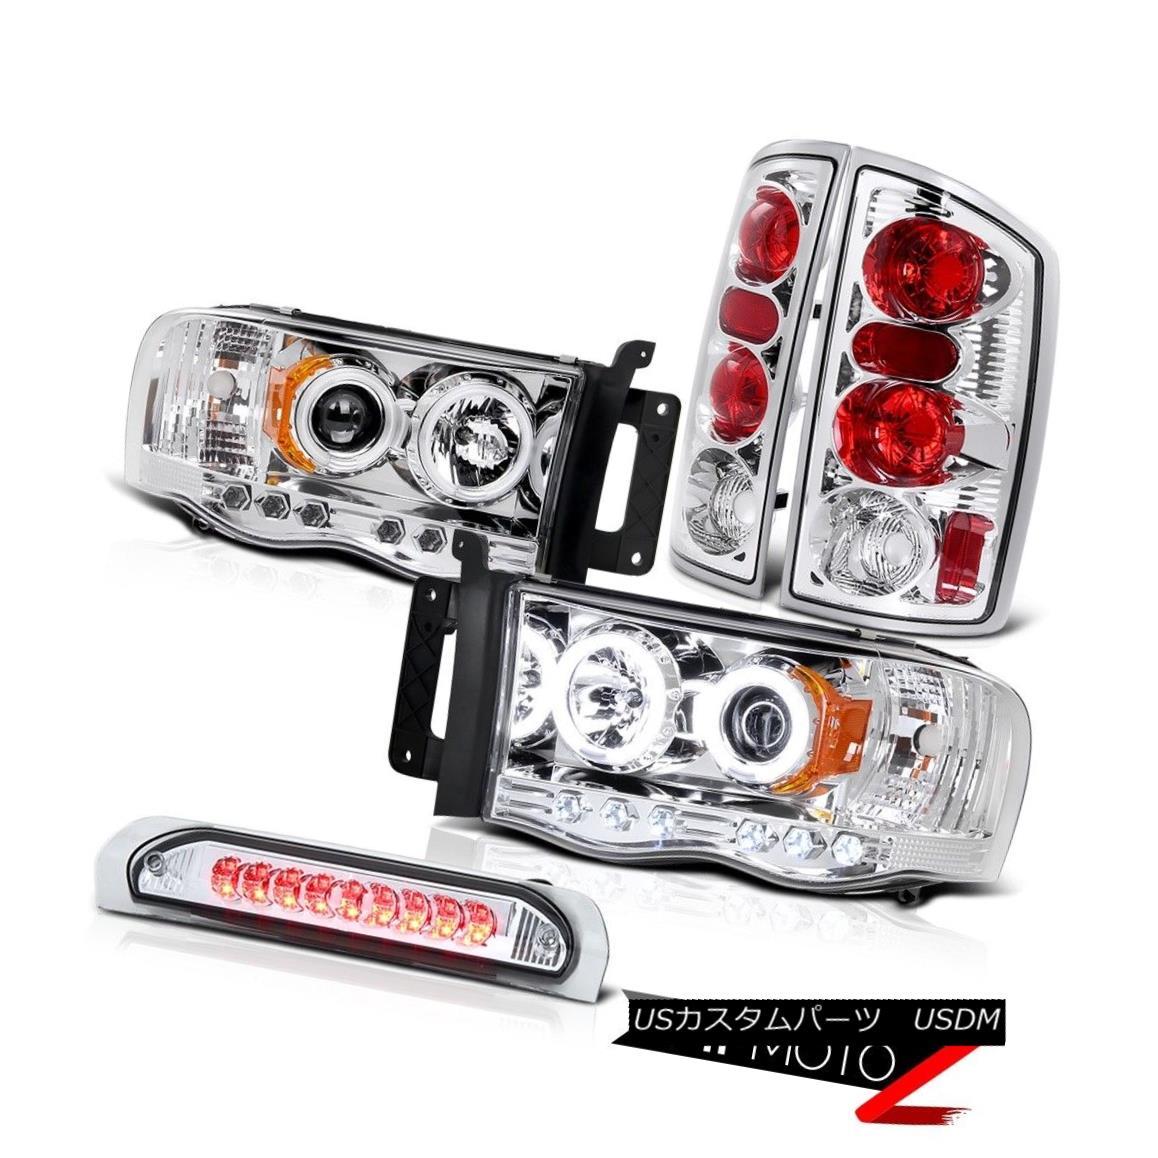 ヘッドライト CCFL Halo Projector Headlight+Chrome Tail Lamp+3rd Brake Light 02-2005 Dodge Ram CCFL Haloプロジェクターヘッドライト+クロ meテールランプ+ 3rdブレーキライト02-2005 Dodge Ram